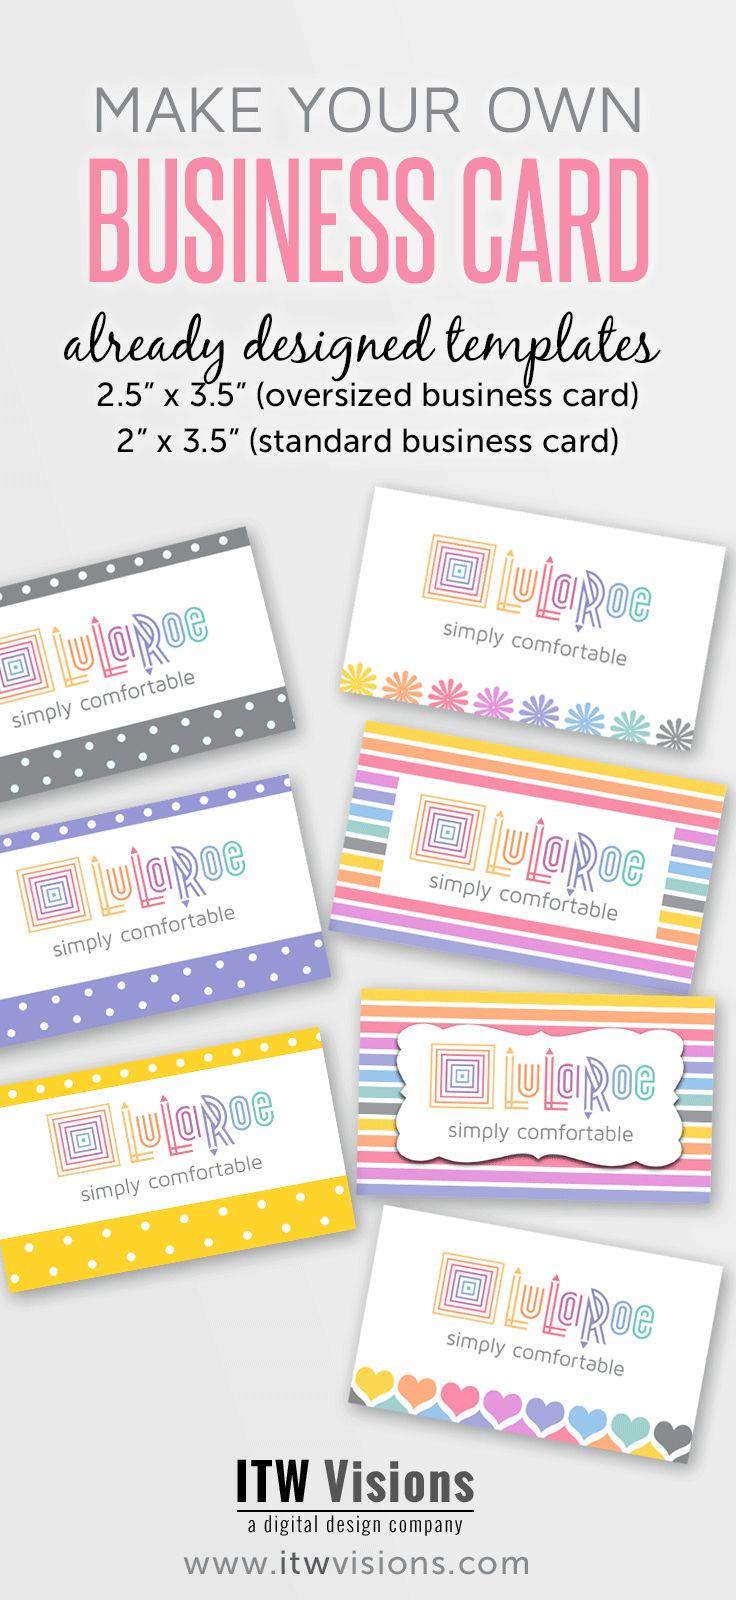 lularoe size card, lularoe business card ideas, LuLaRoe fashion consultant…